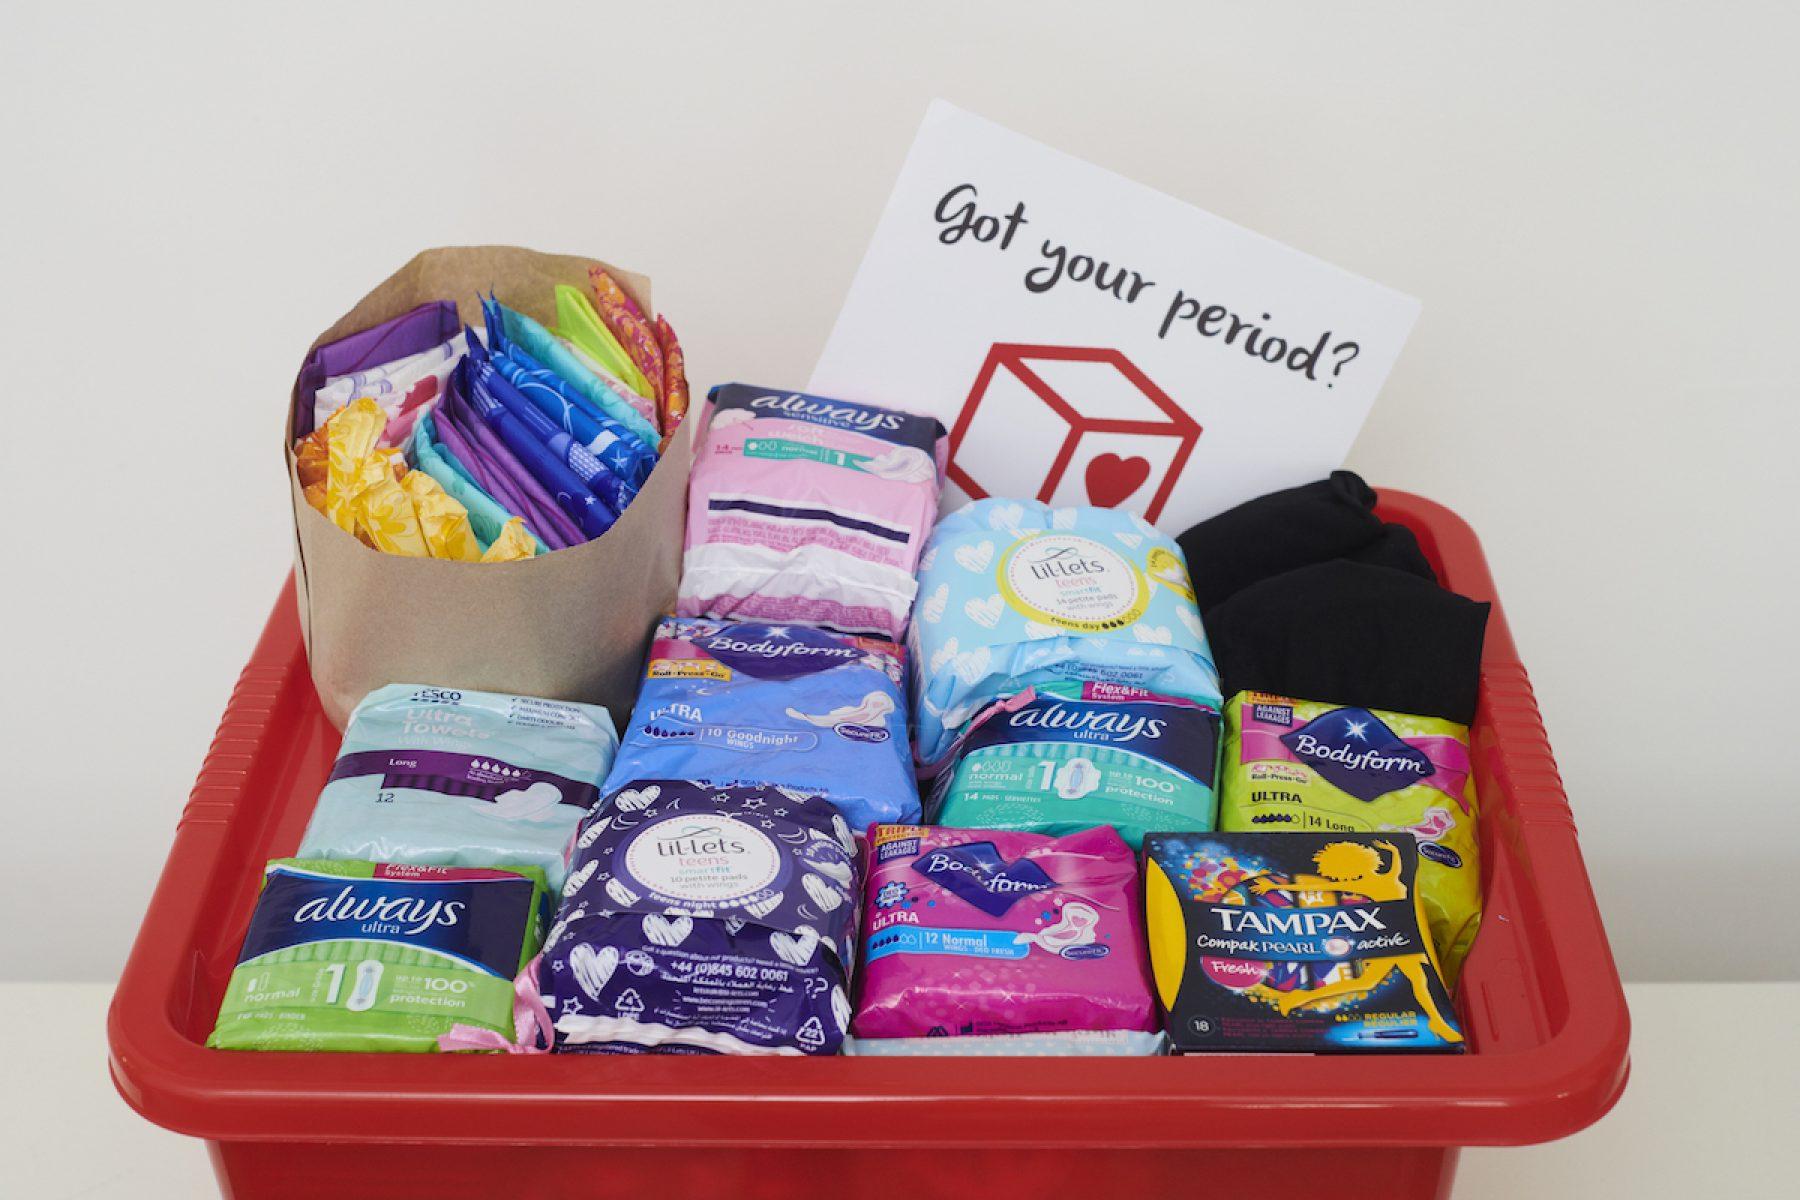 Image pour les écoles en Angleterre pour offrir des produits sanitaires gratuits